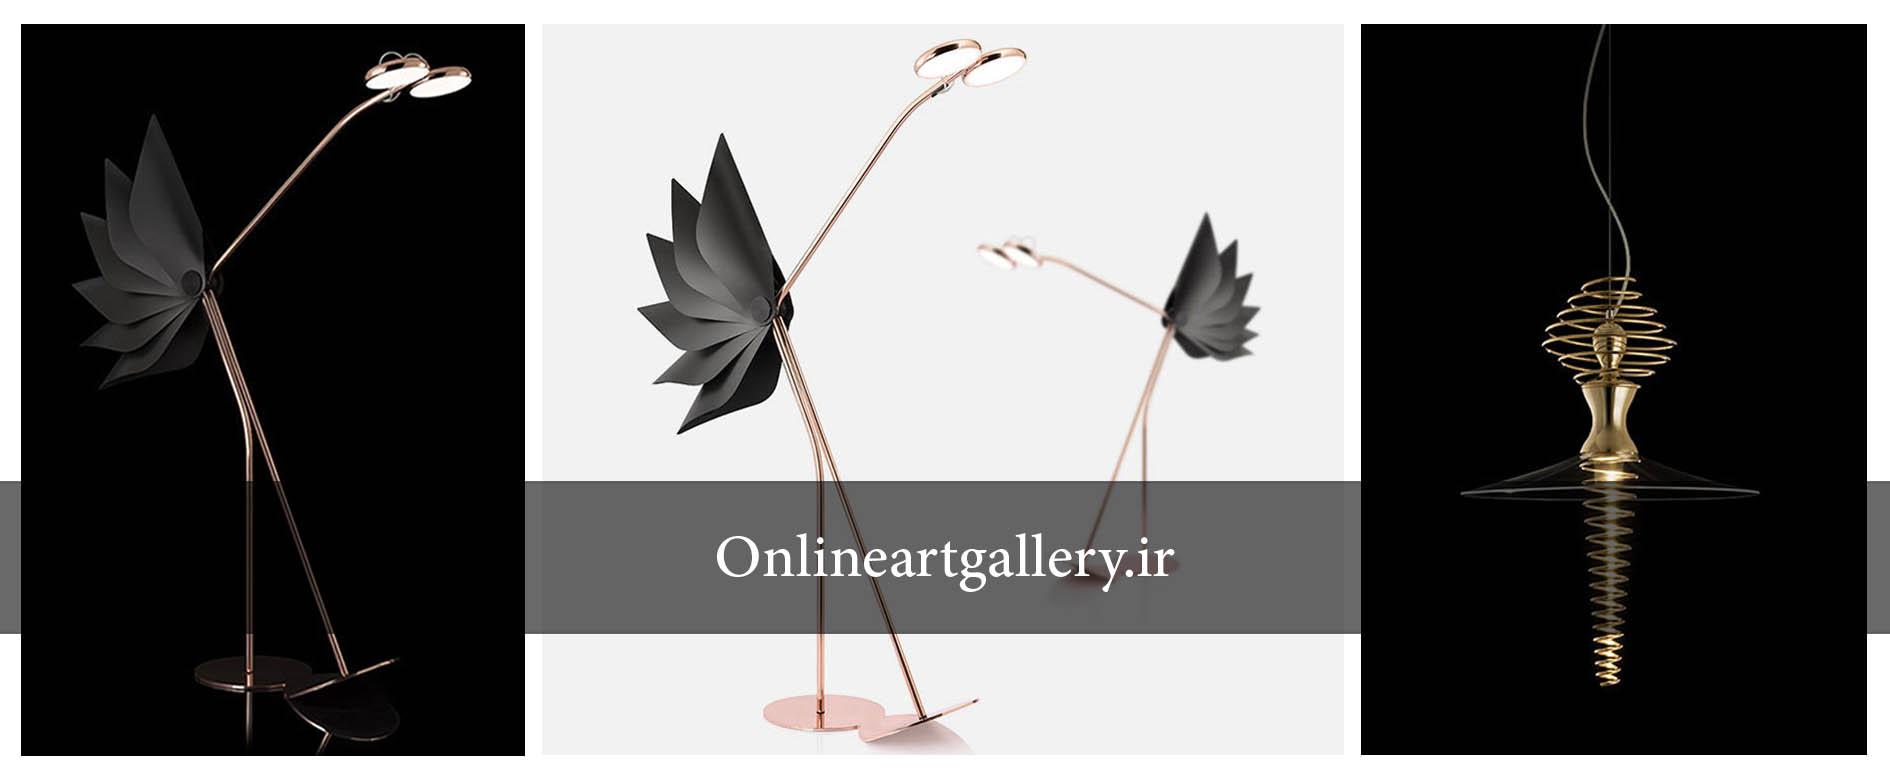 خلاقیت در معماری / نورپردازی ملهم از بالرین هاو پرندگان